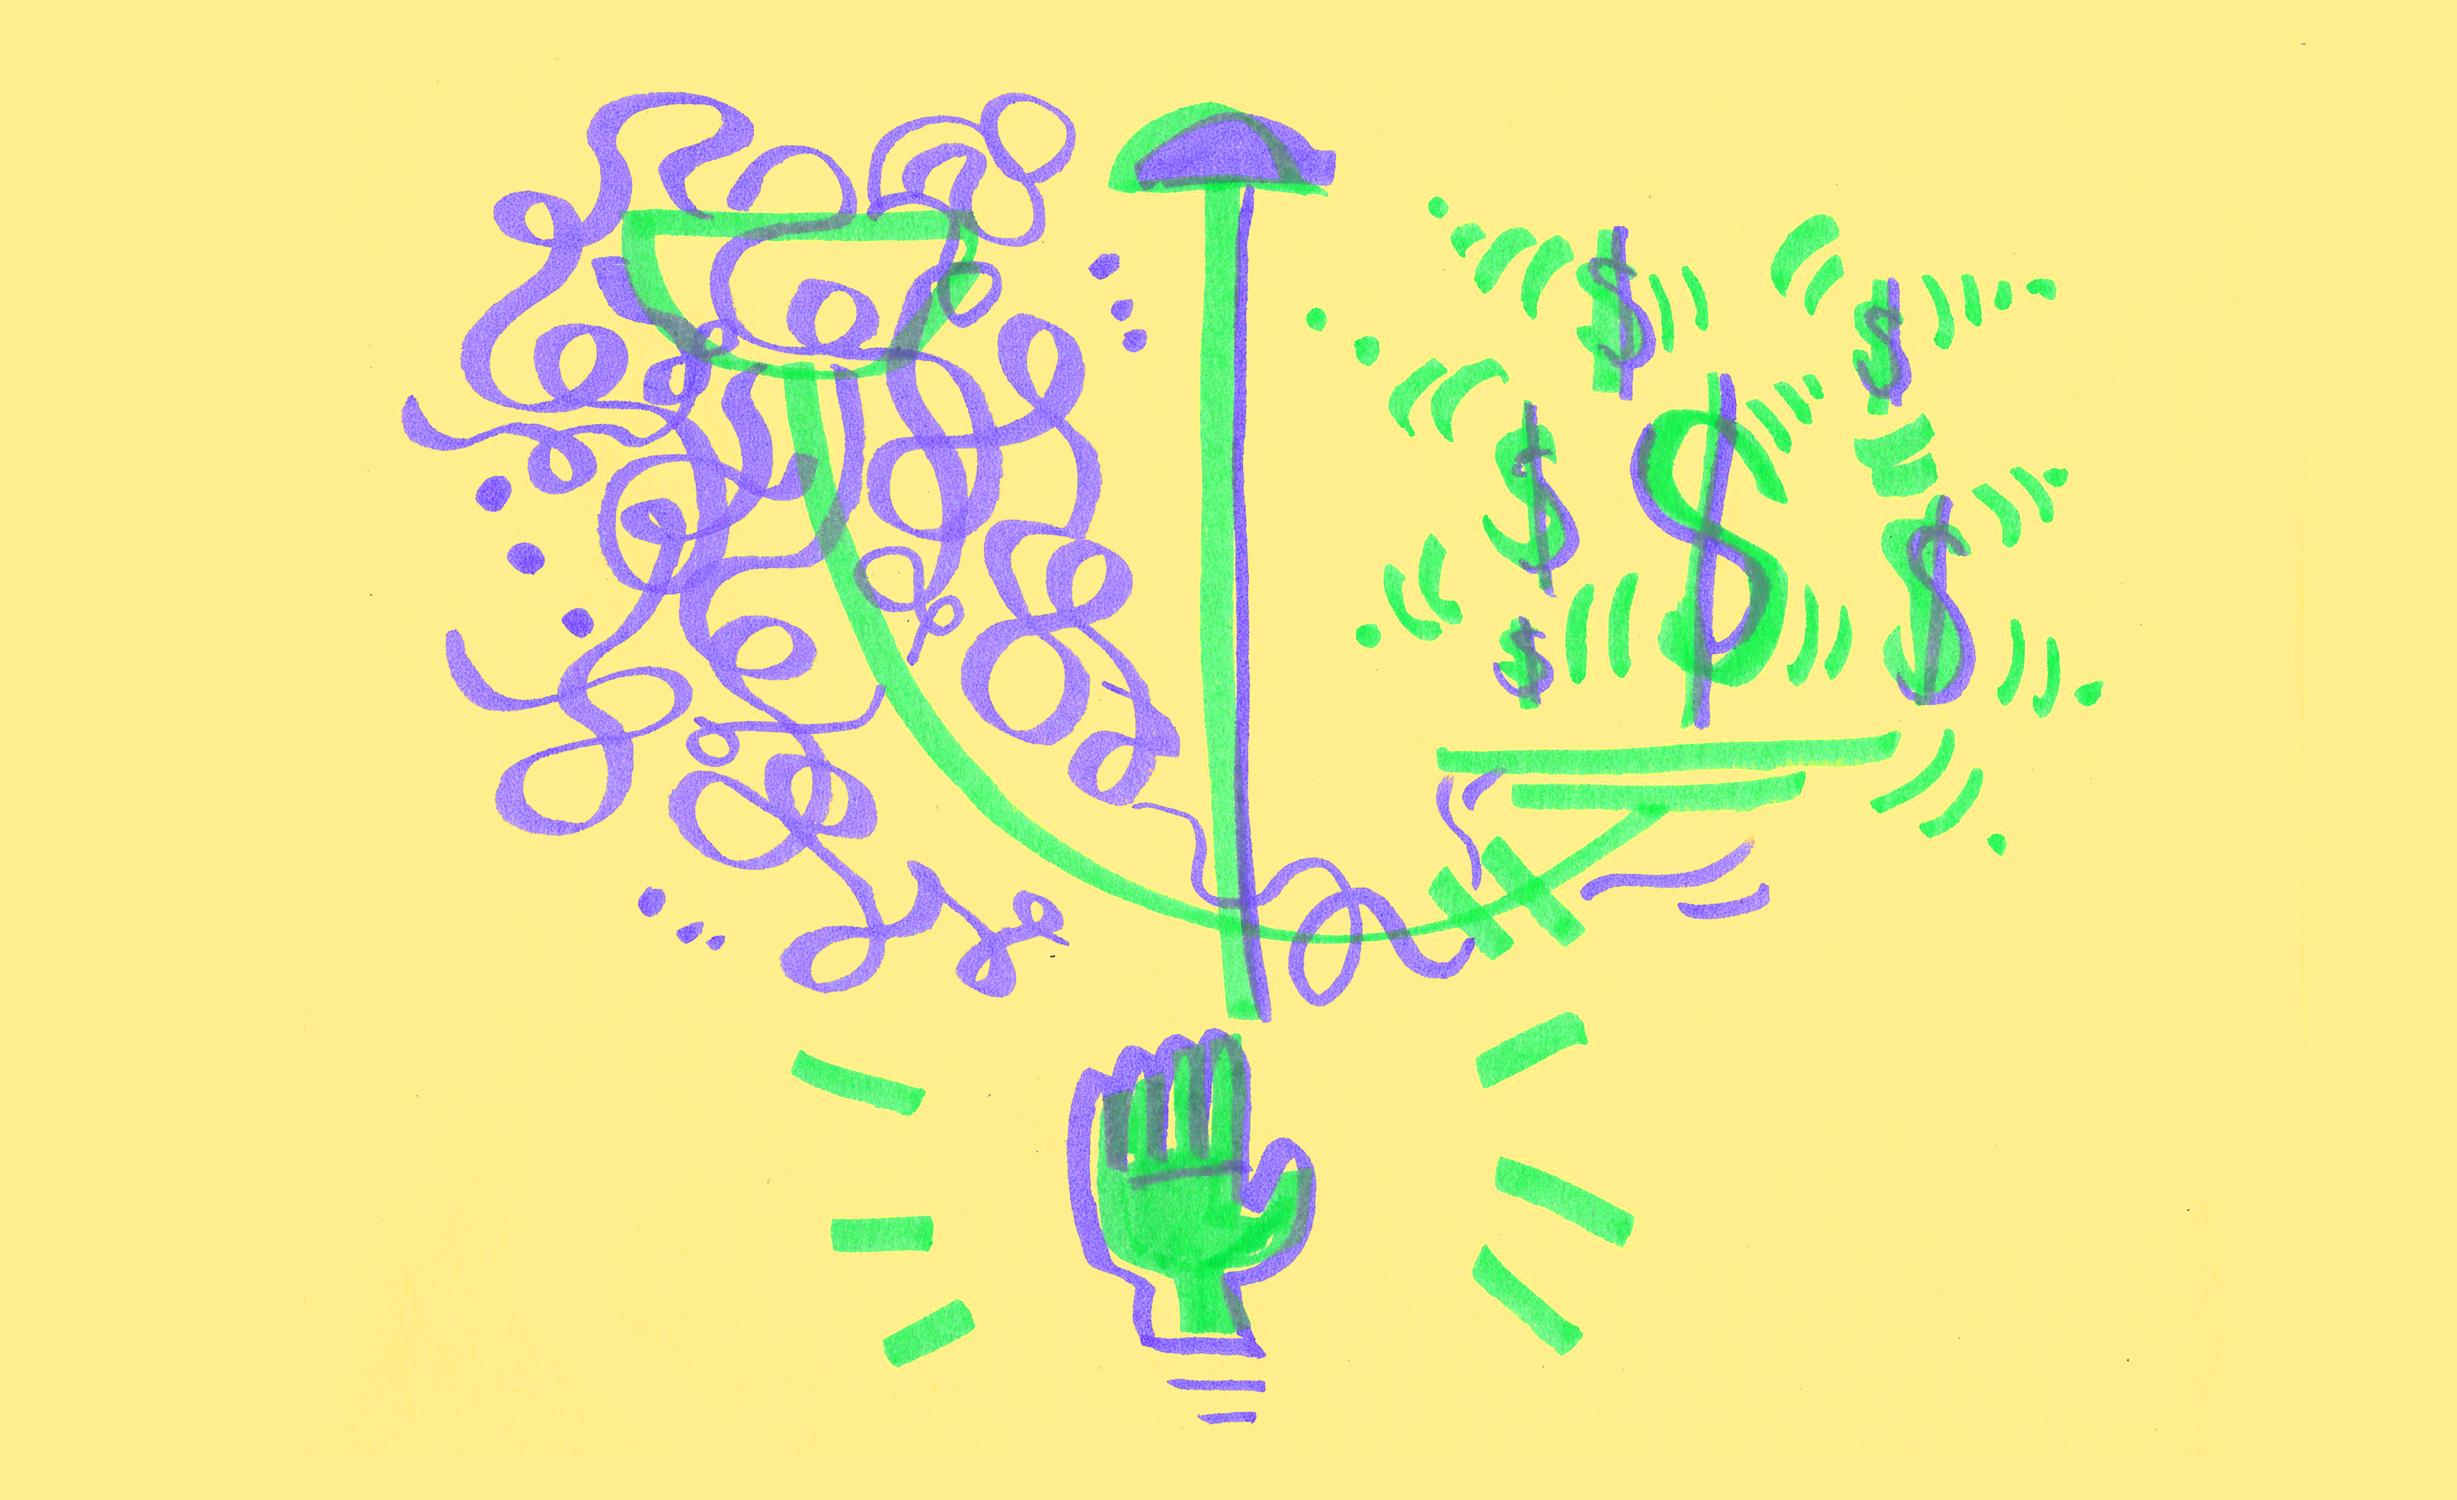 Problemas de concordância: escrever e ganhar dinheiro